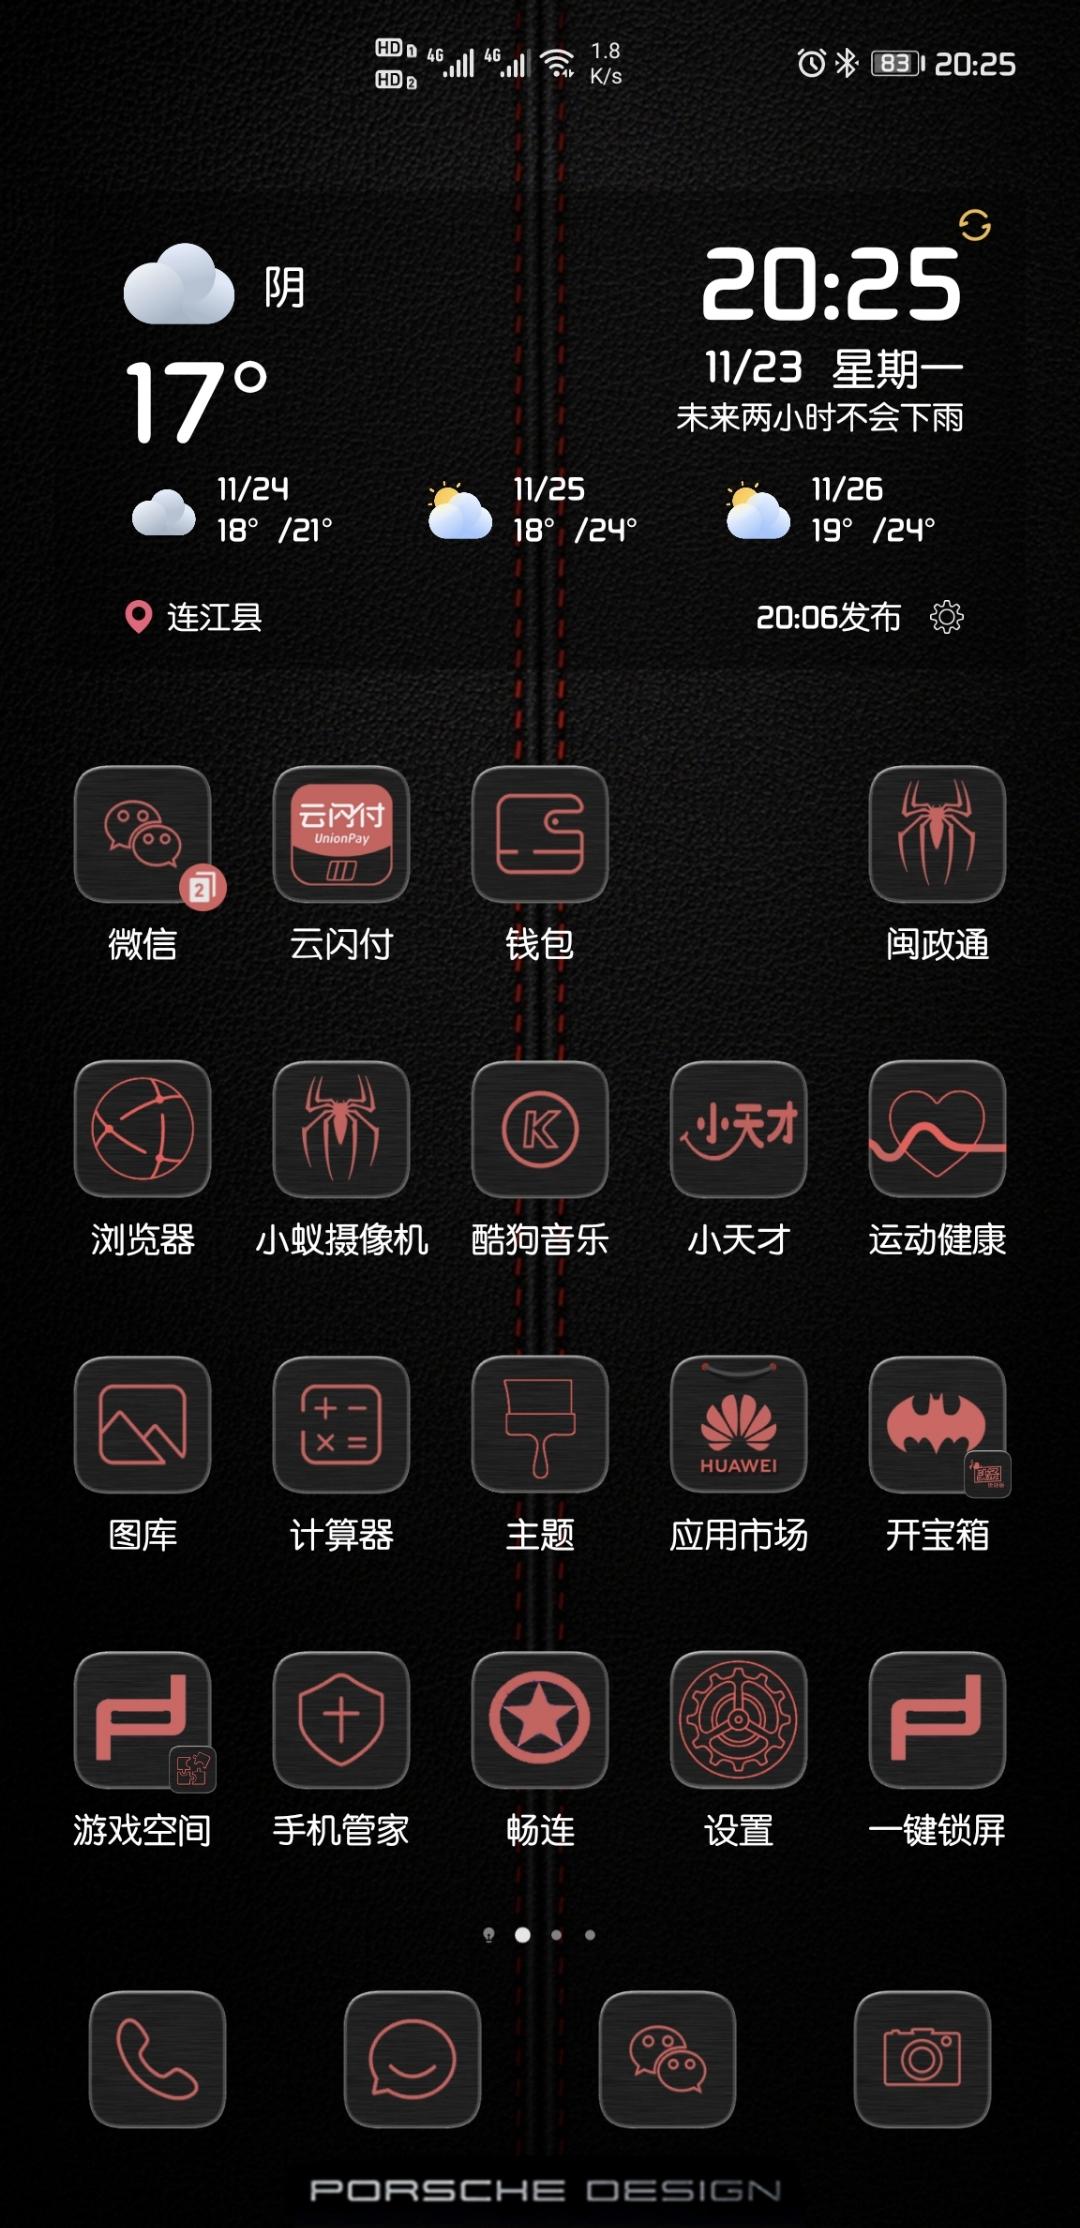 Screenshot_20201123_202504_com.huawei.android.launcher.jpg